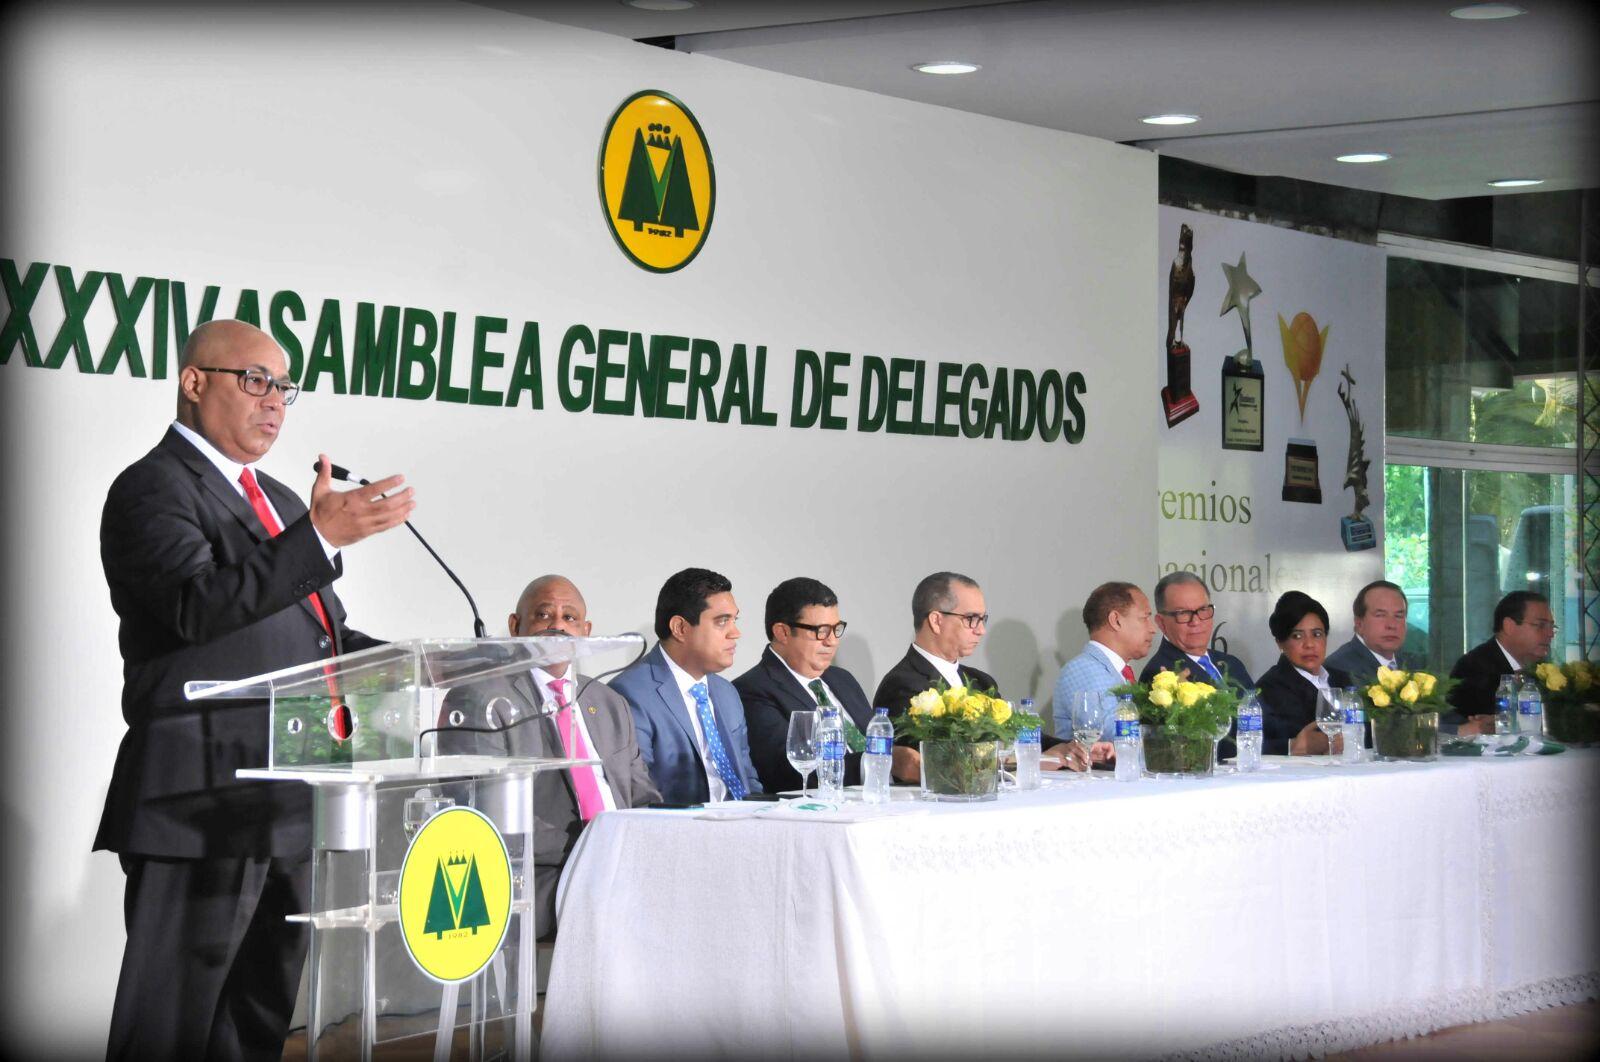 X Cooperativa Vega RealX trigésima cuarta Asamblea General de DelegadosX banderaX tres mil millones de pesosX CooperativaX Vega Real